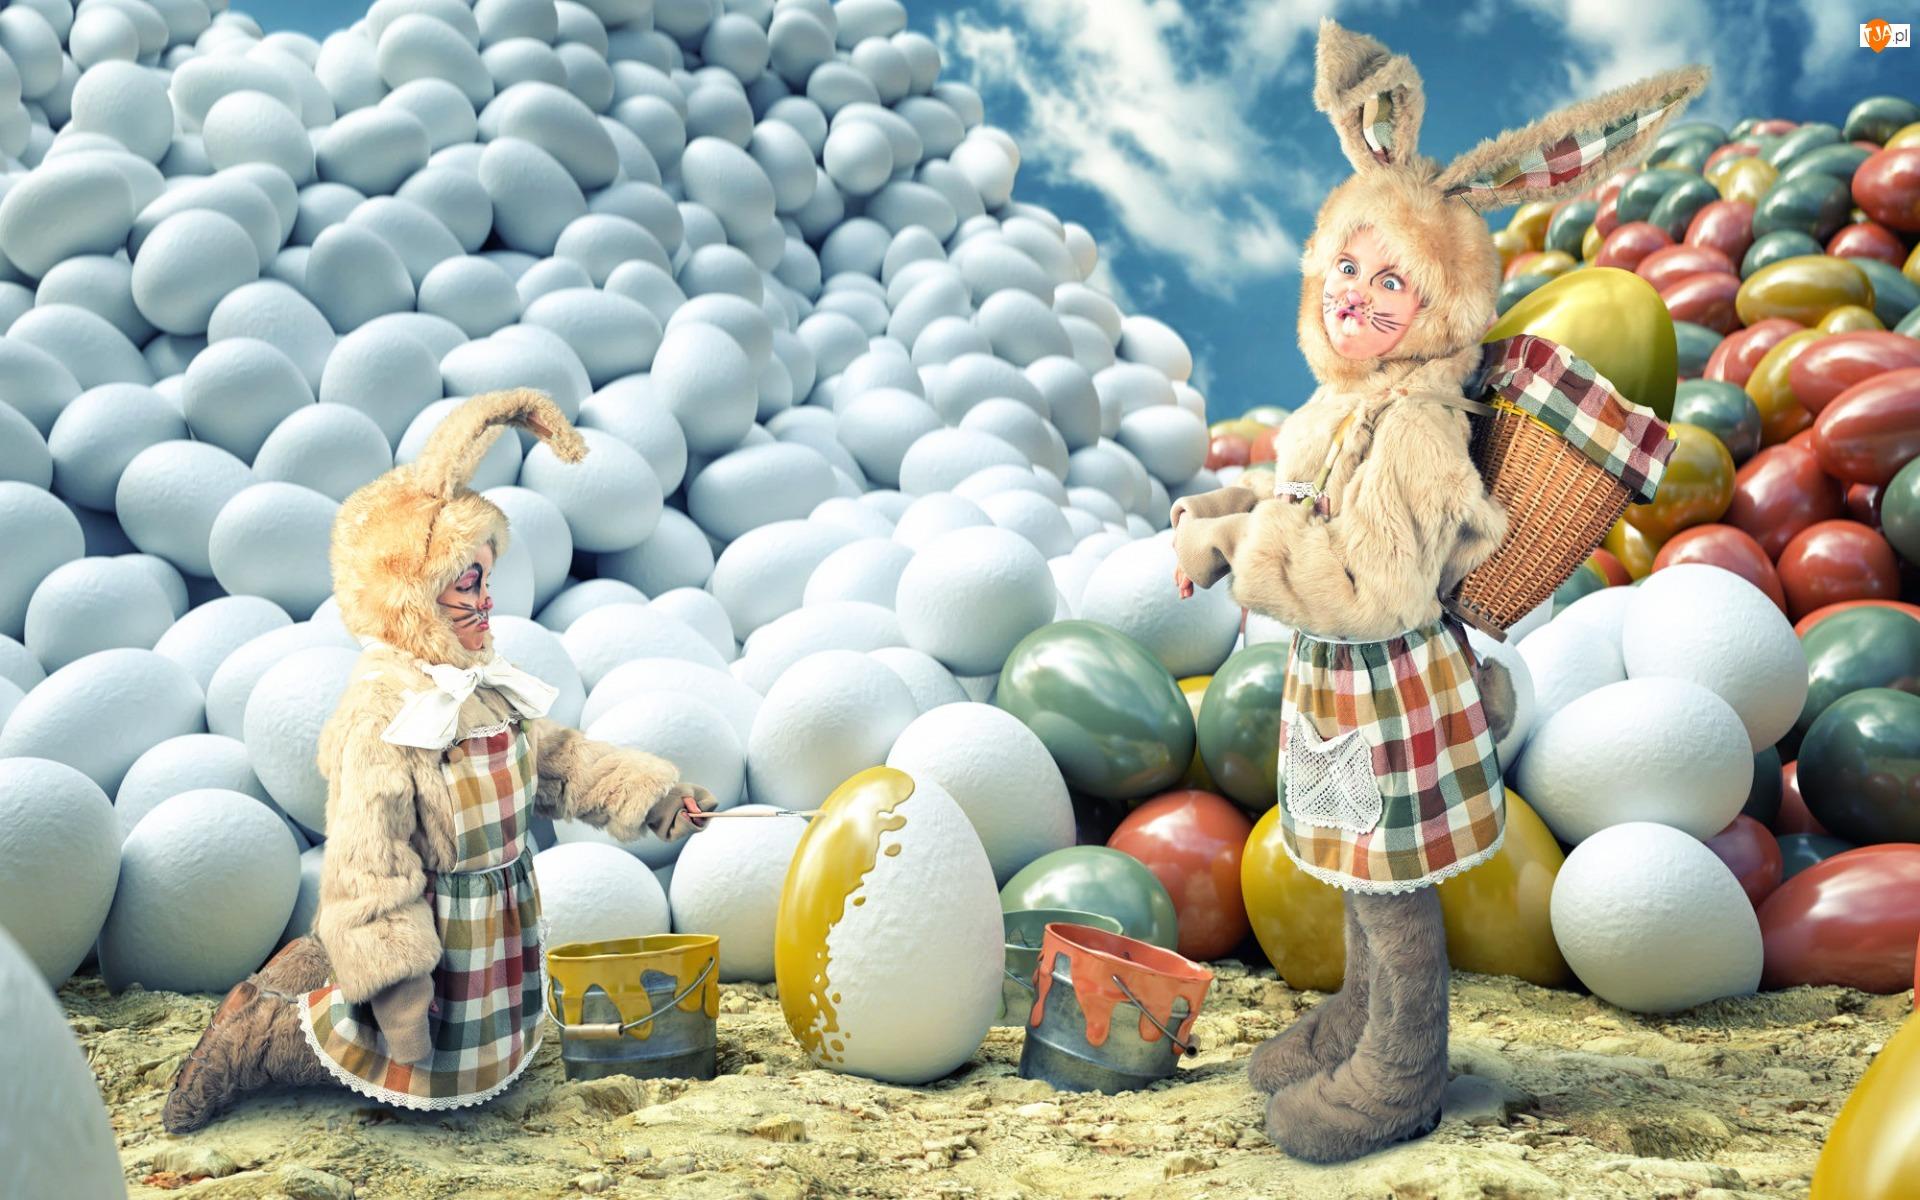 Jajka, Wielkanoc, Dzieci, Śmieszne, Malowane